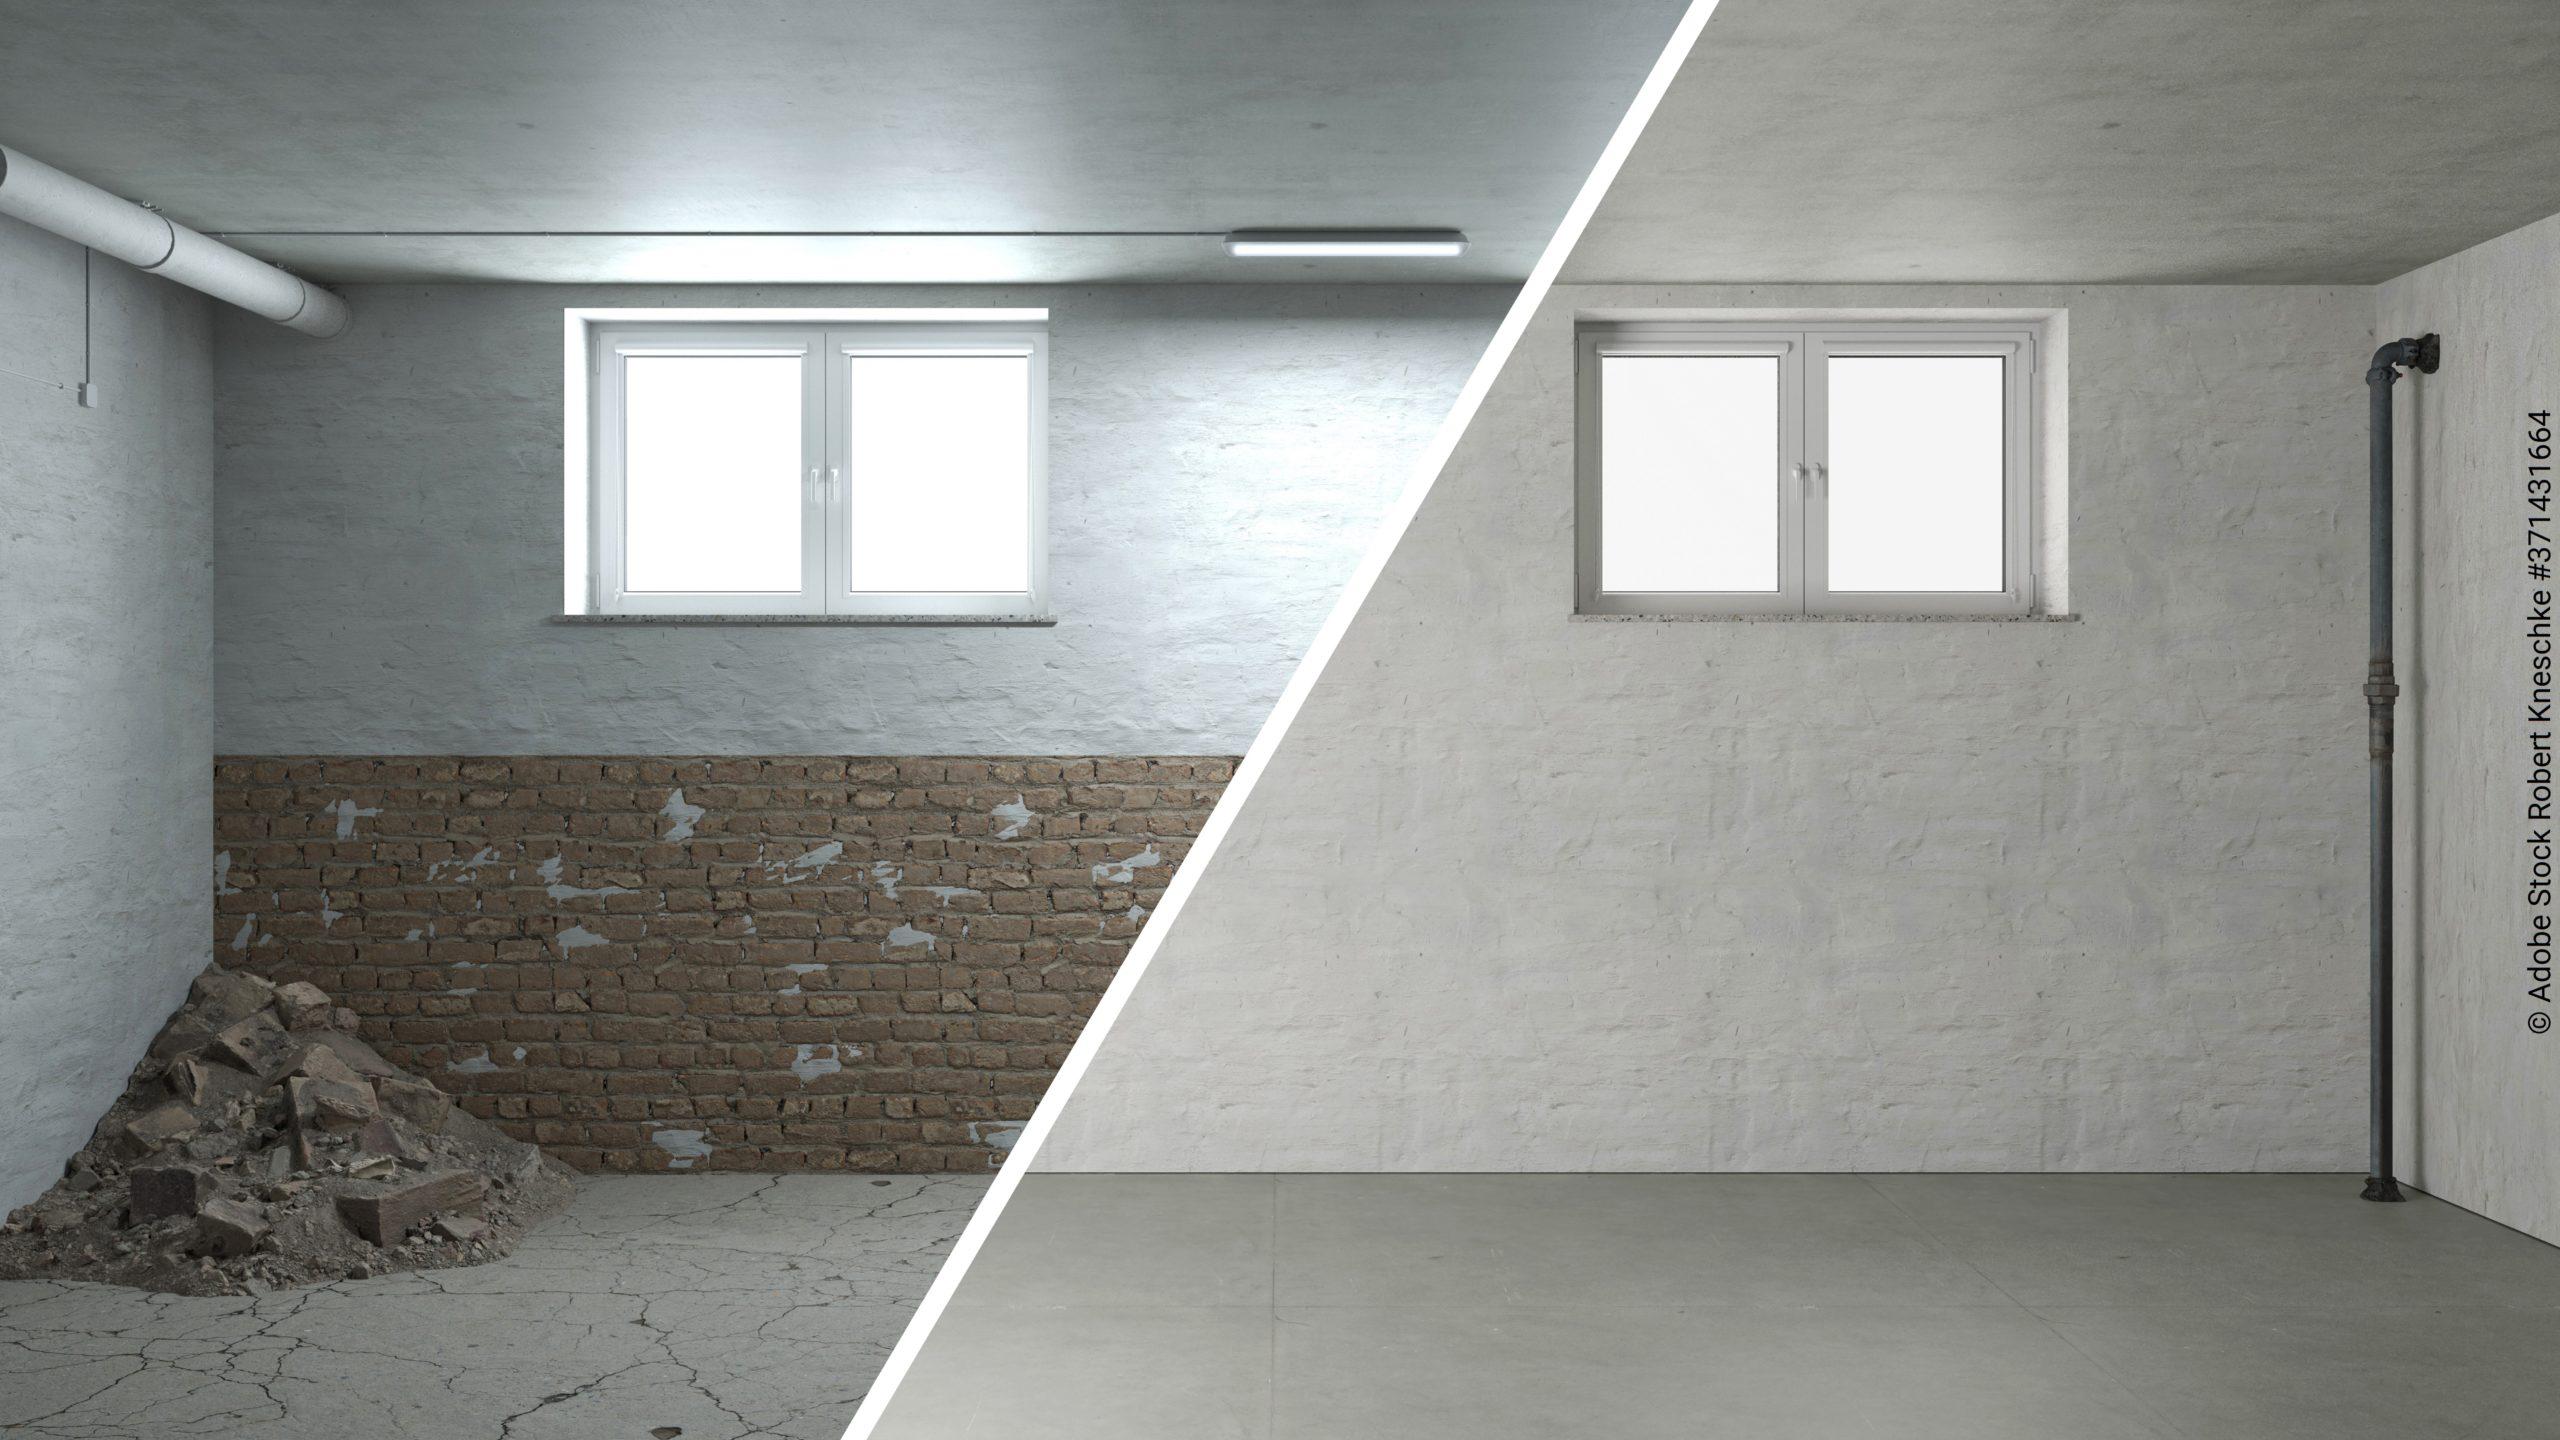 Sanierung und Renovierung von Mauerwerk im Keller